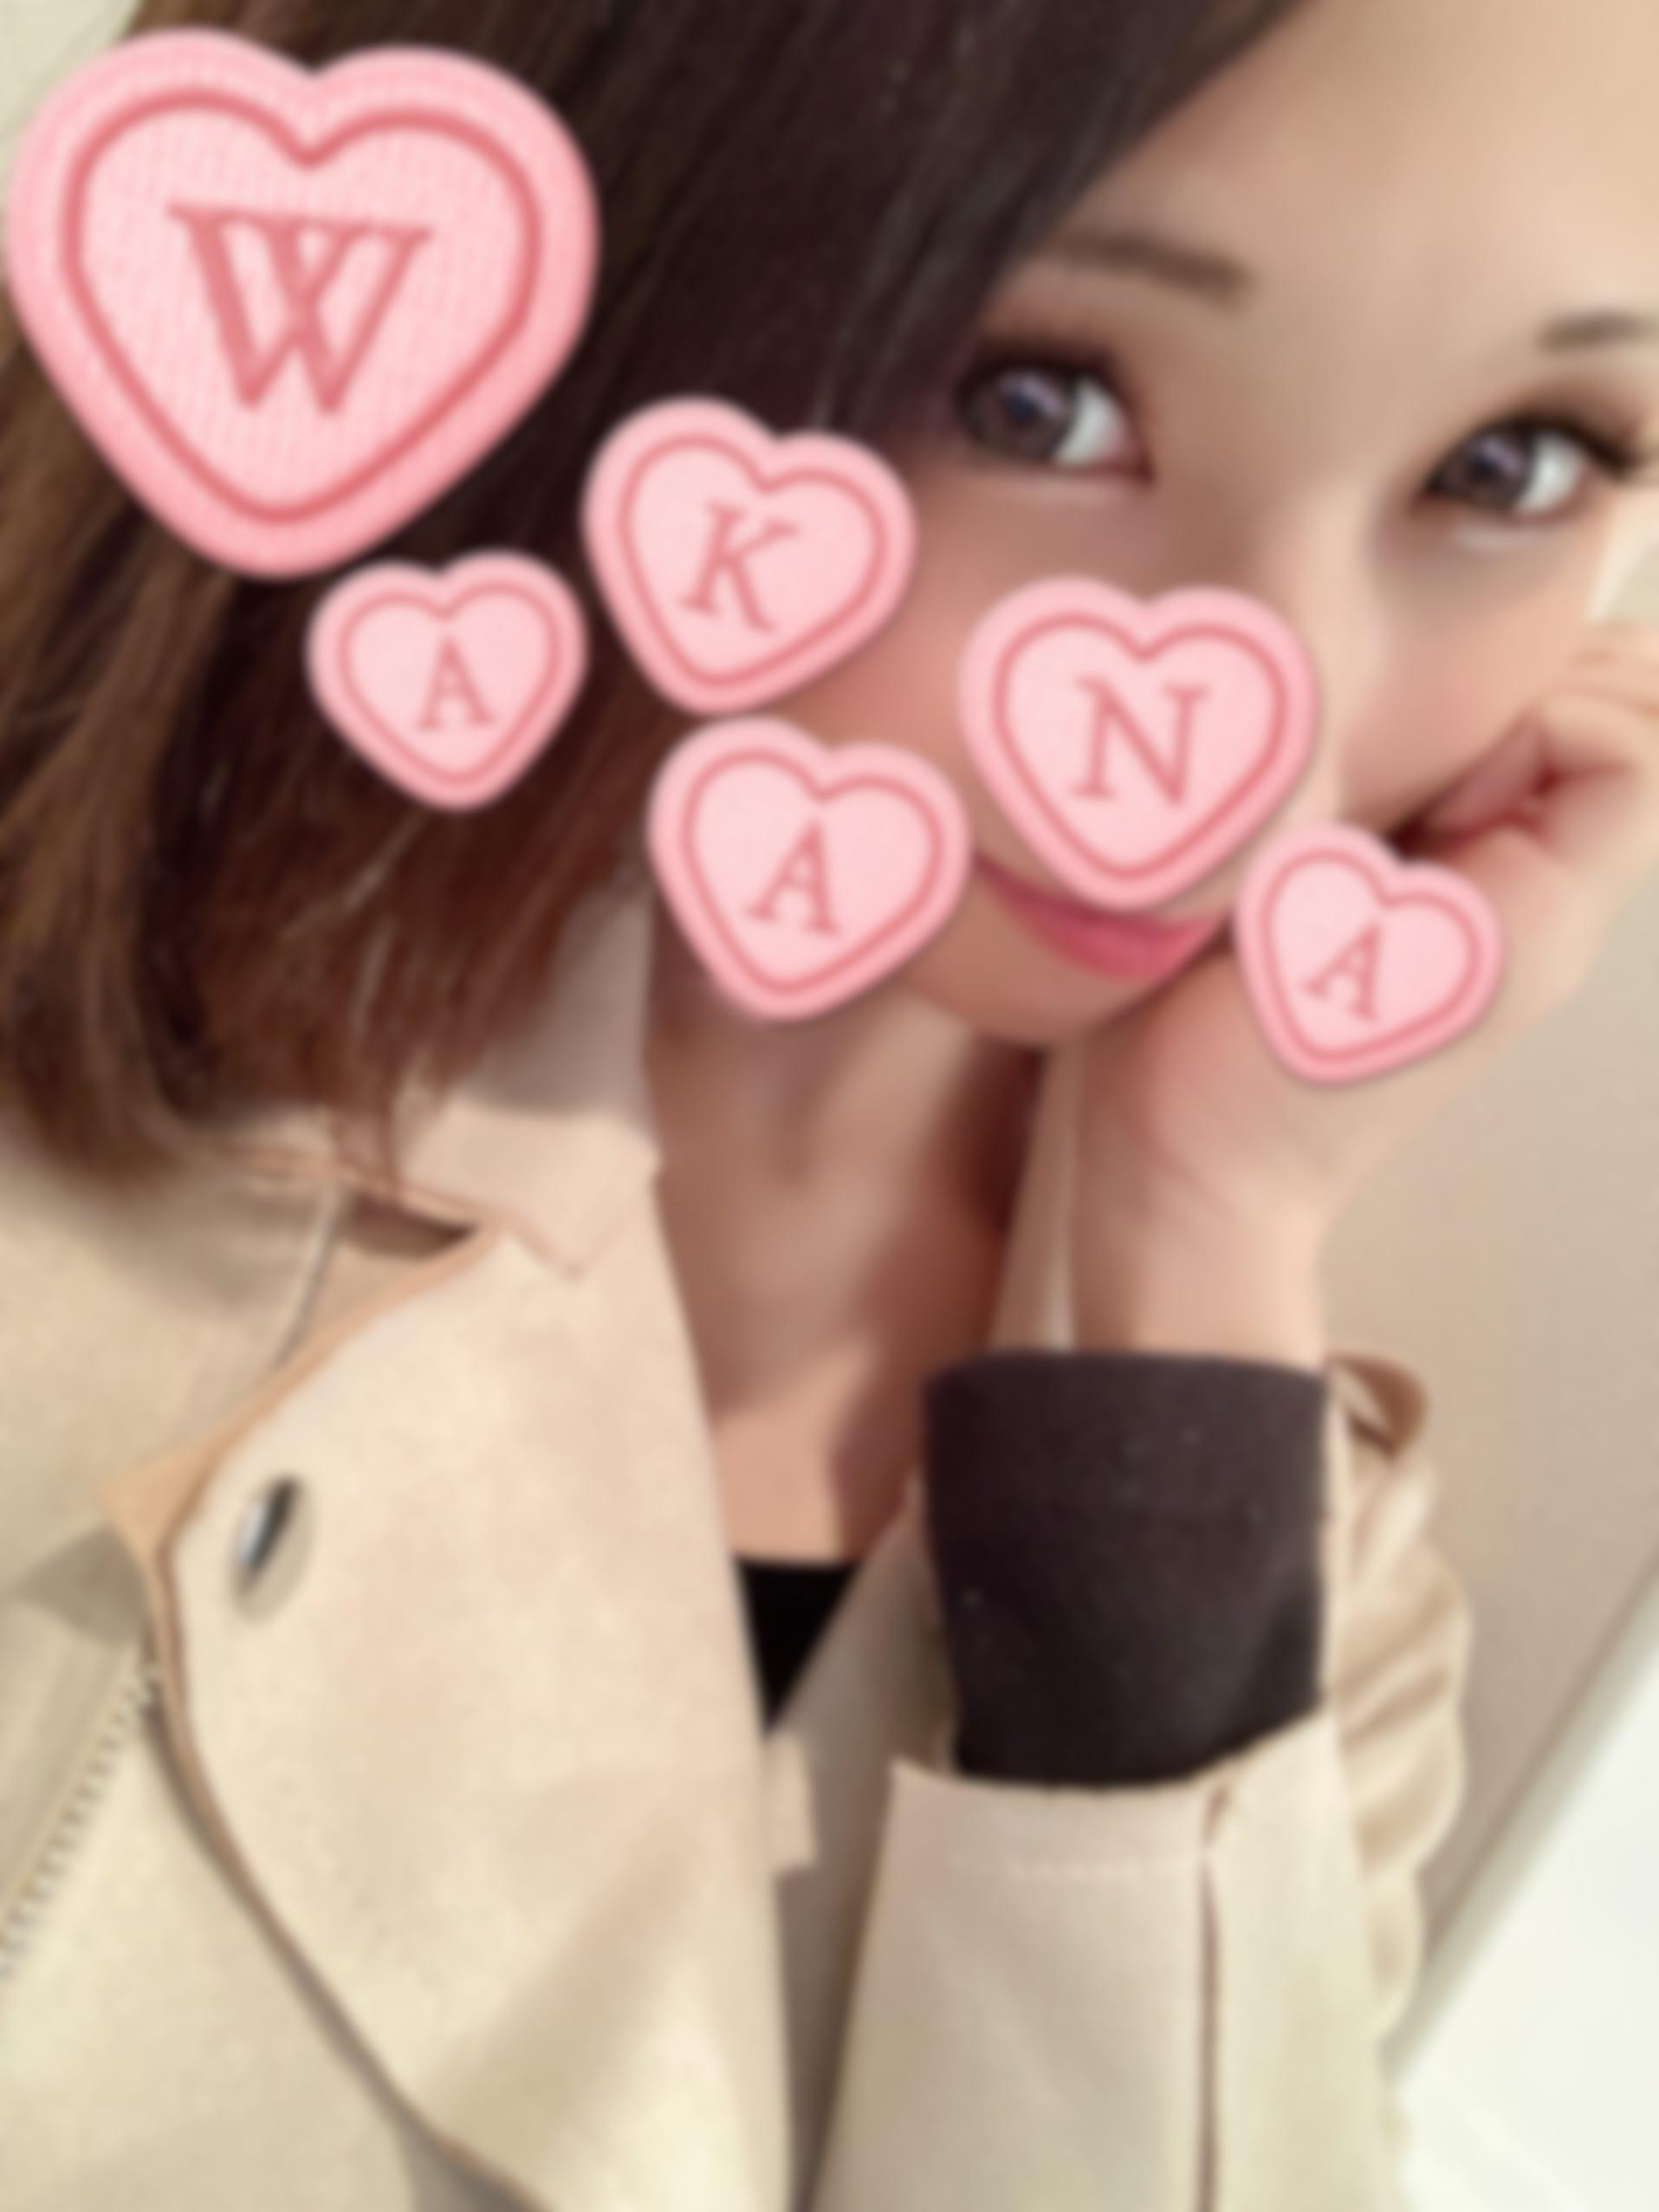 「お礼♡」05/01(05/01) 20:49   わかなの写メ